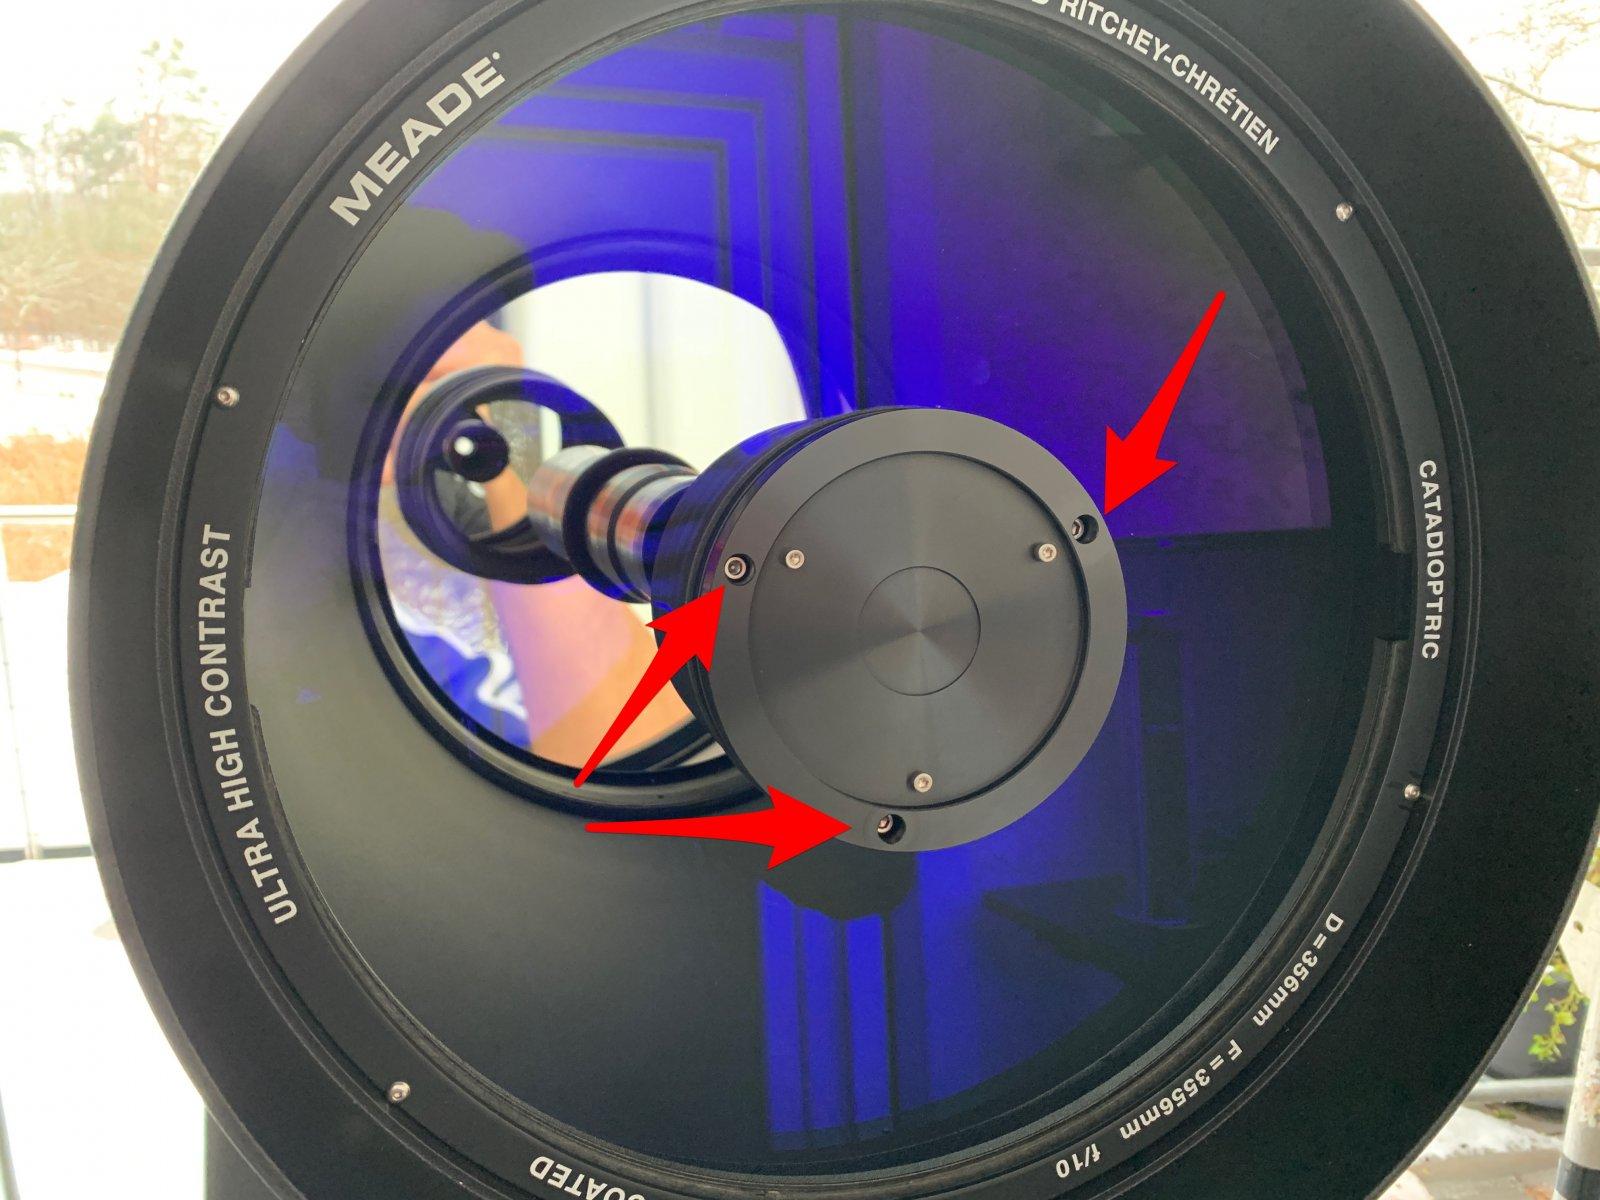 CD5AAED1-CF80-4610-94DD-EE55B30DDB66.jpeg